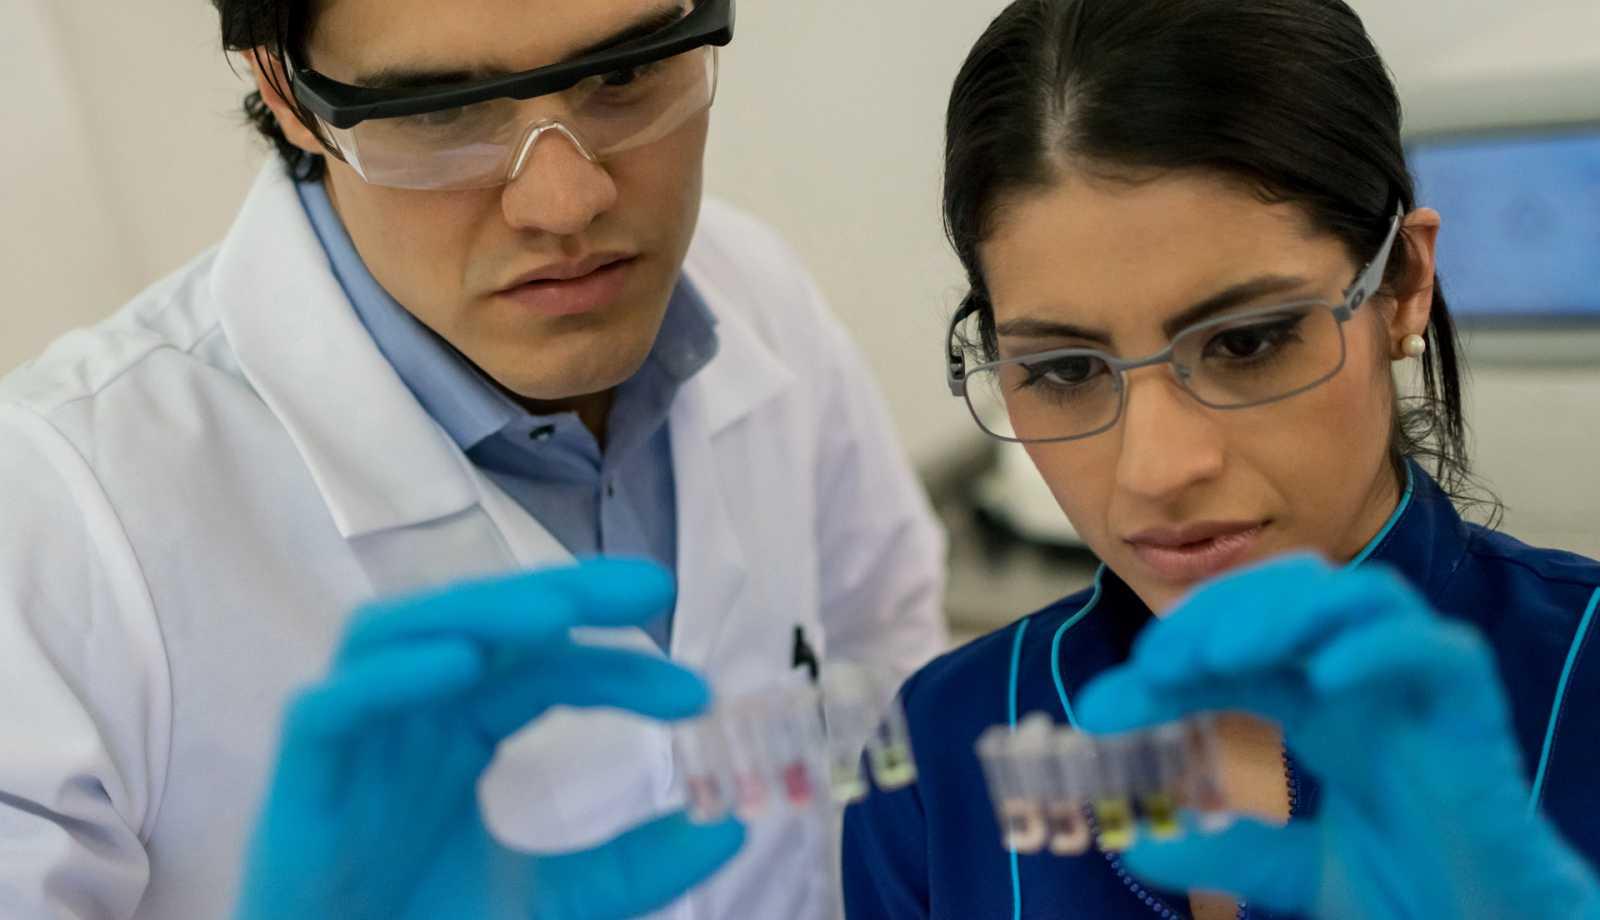 Espacio iberoamericano - Fortalecer la Ciencia, clave de la reactivación - 10/06/21 - escuchar ahora